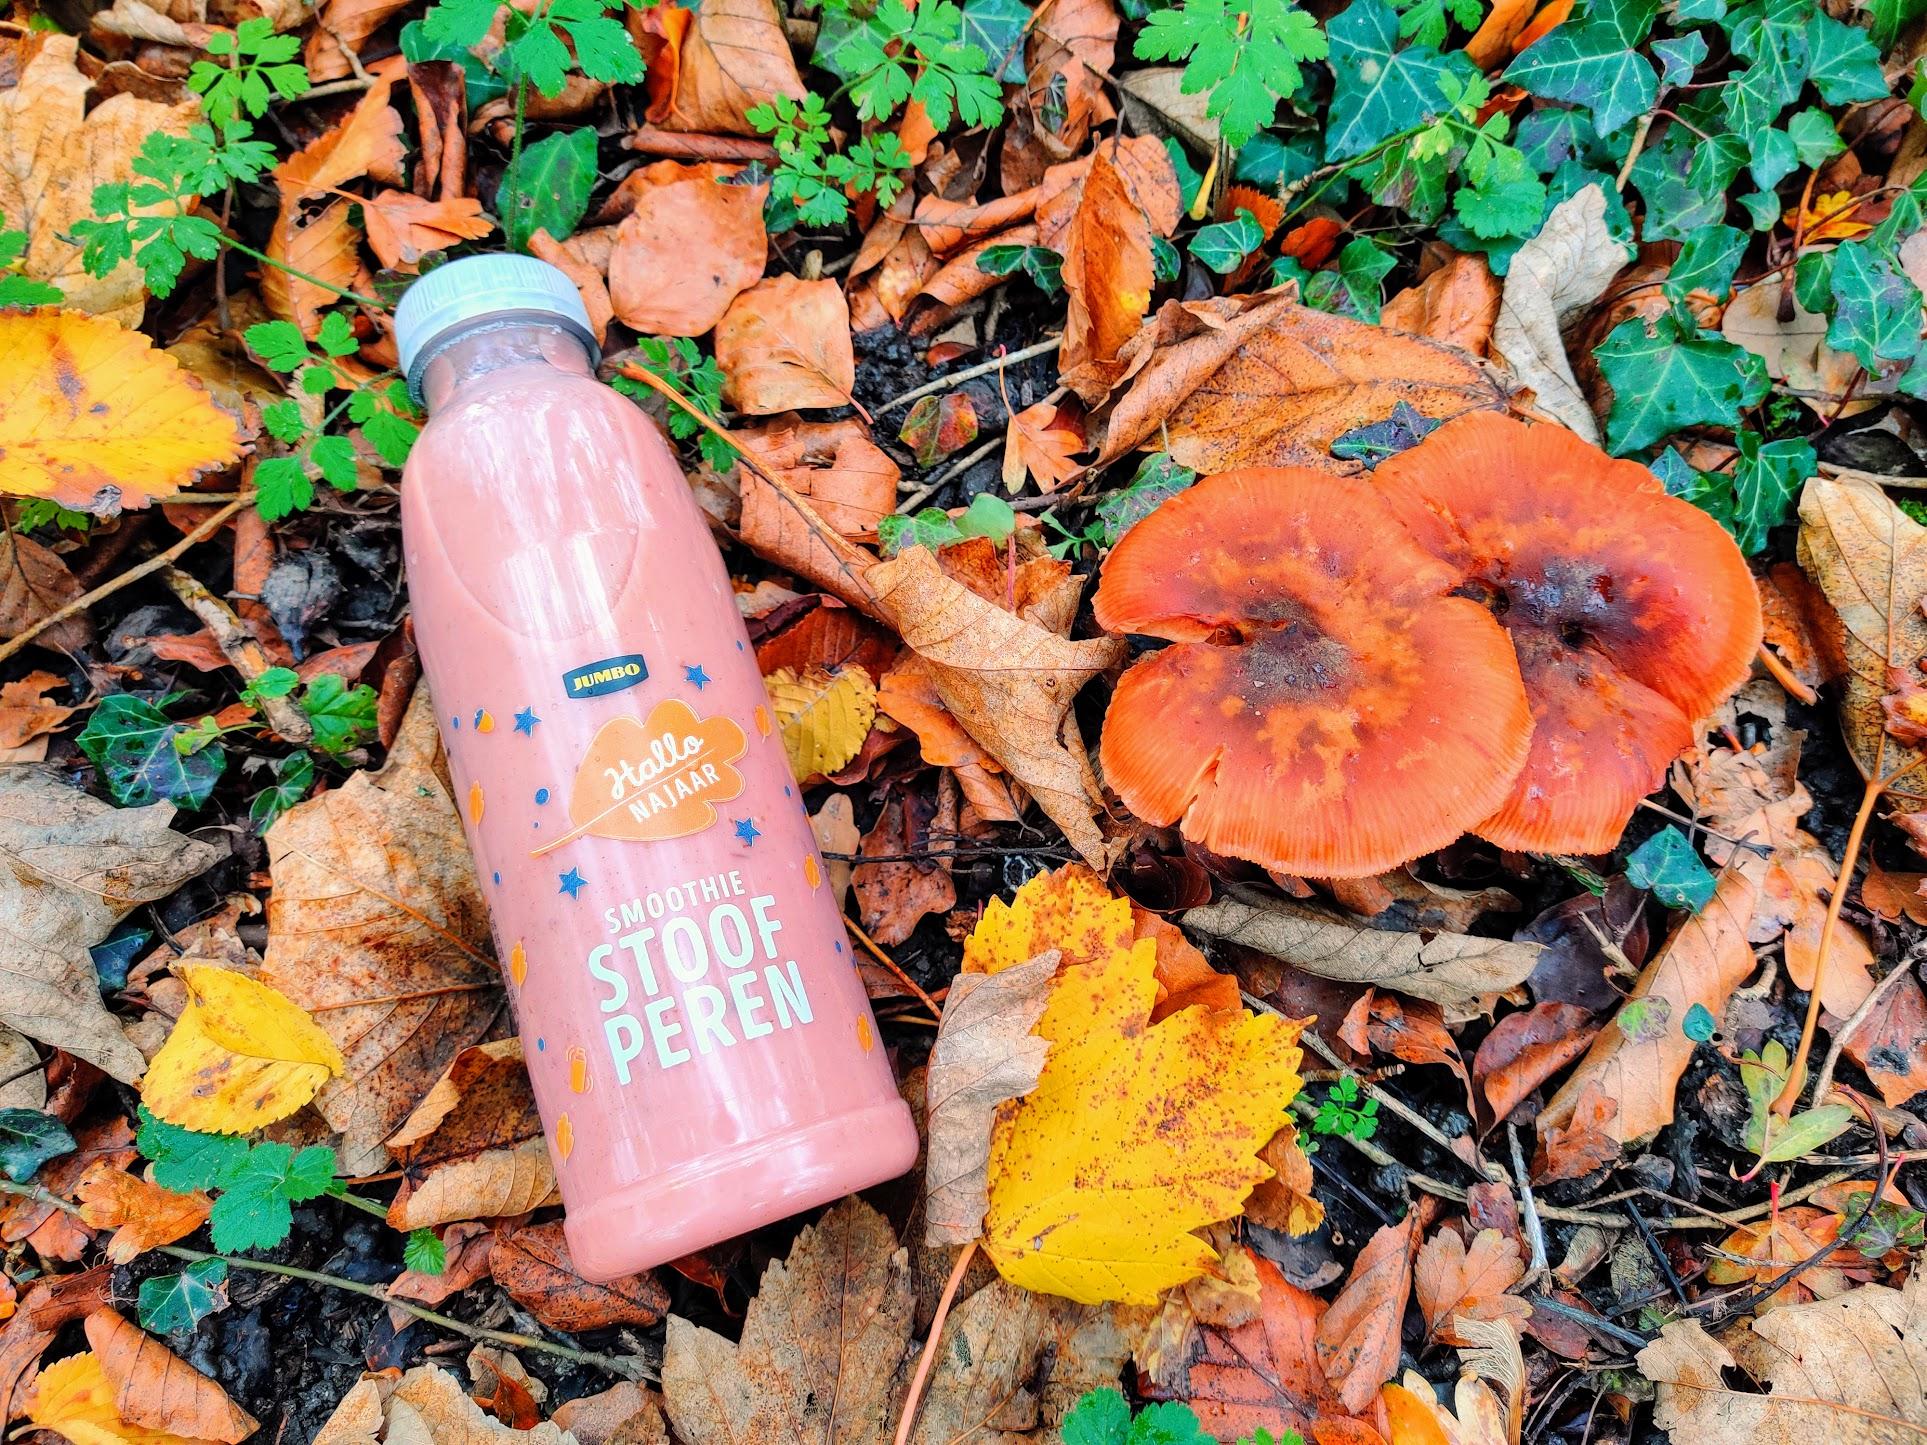 De stoofperensmoothie van Jumbo is een echte najaarssmoothie en ligt tussen de hefstblaadjes en paddenstoelen